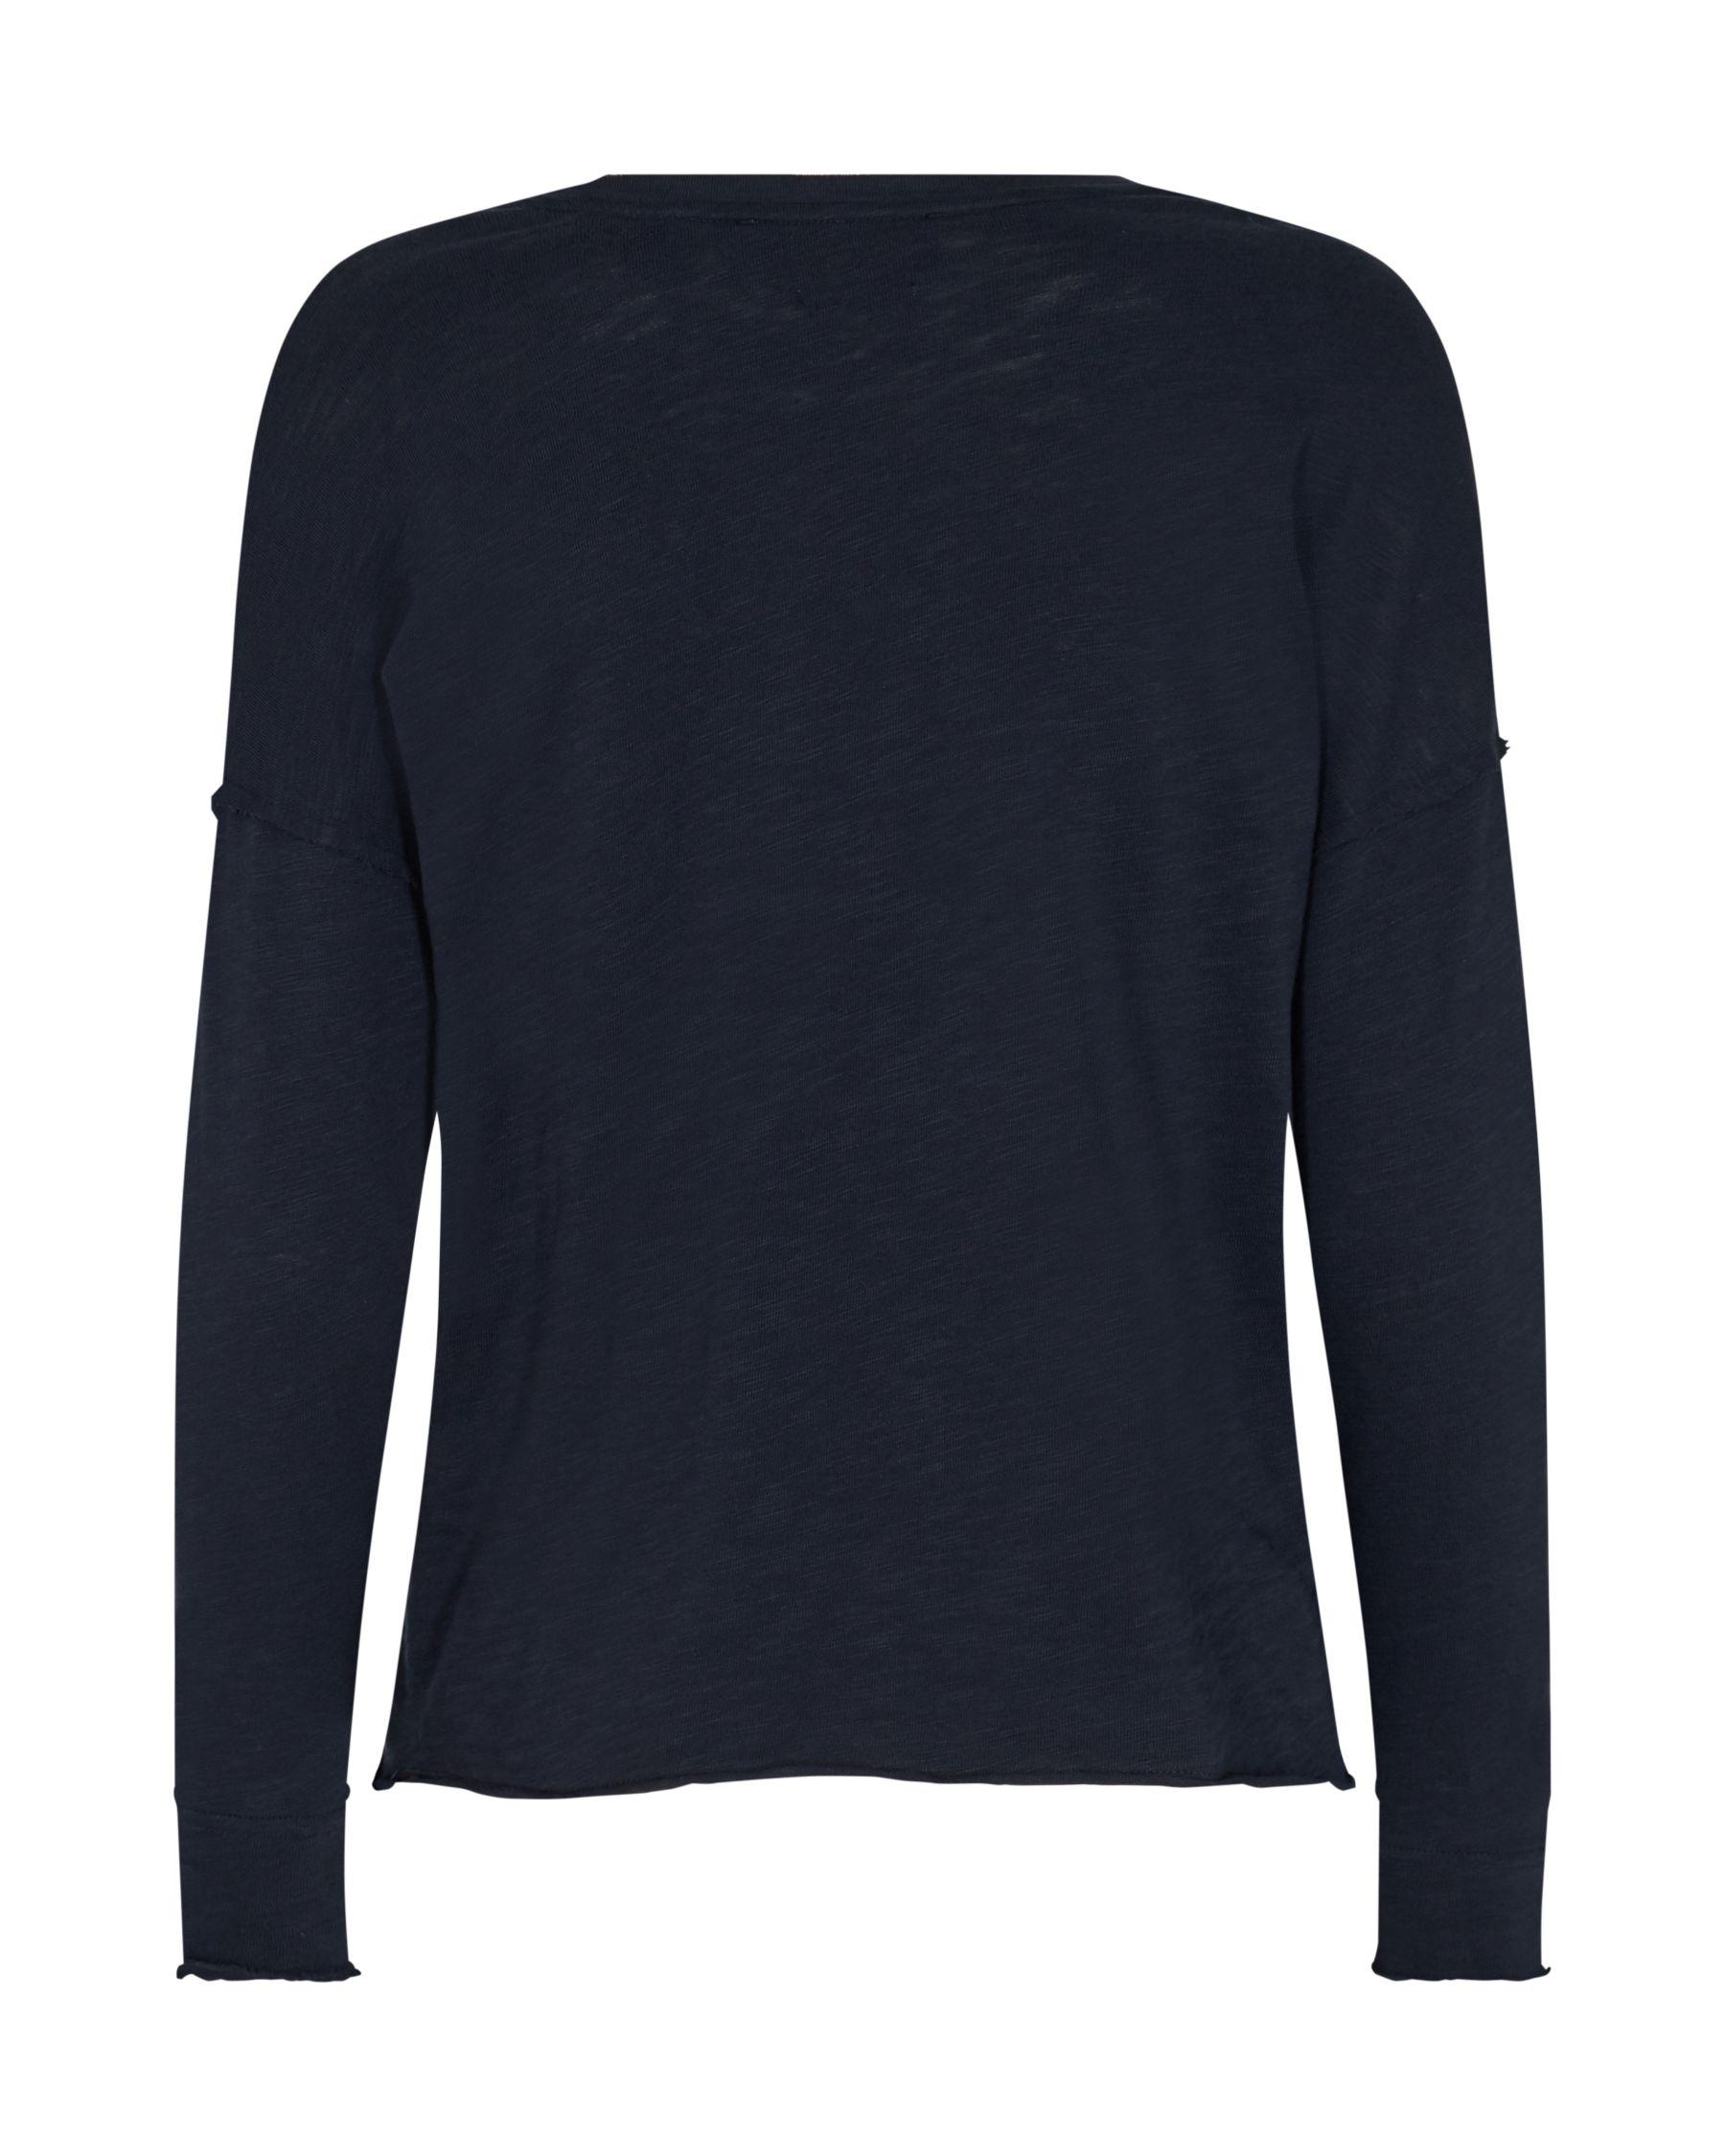 Mos Mosh Glory t-shirt, salute navy, XL